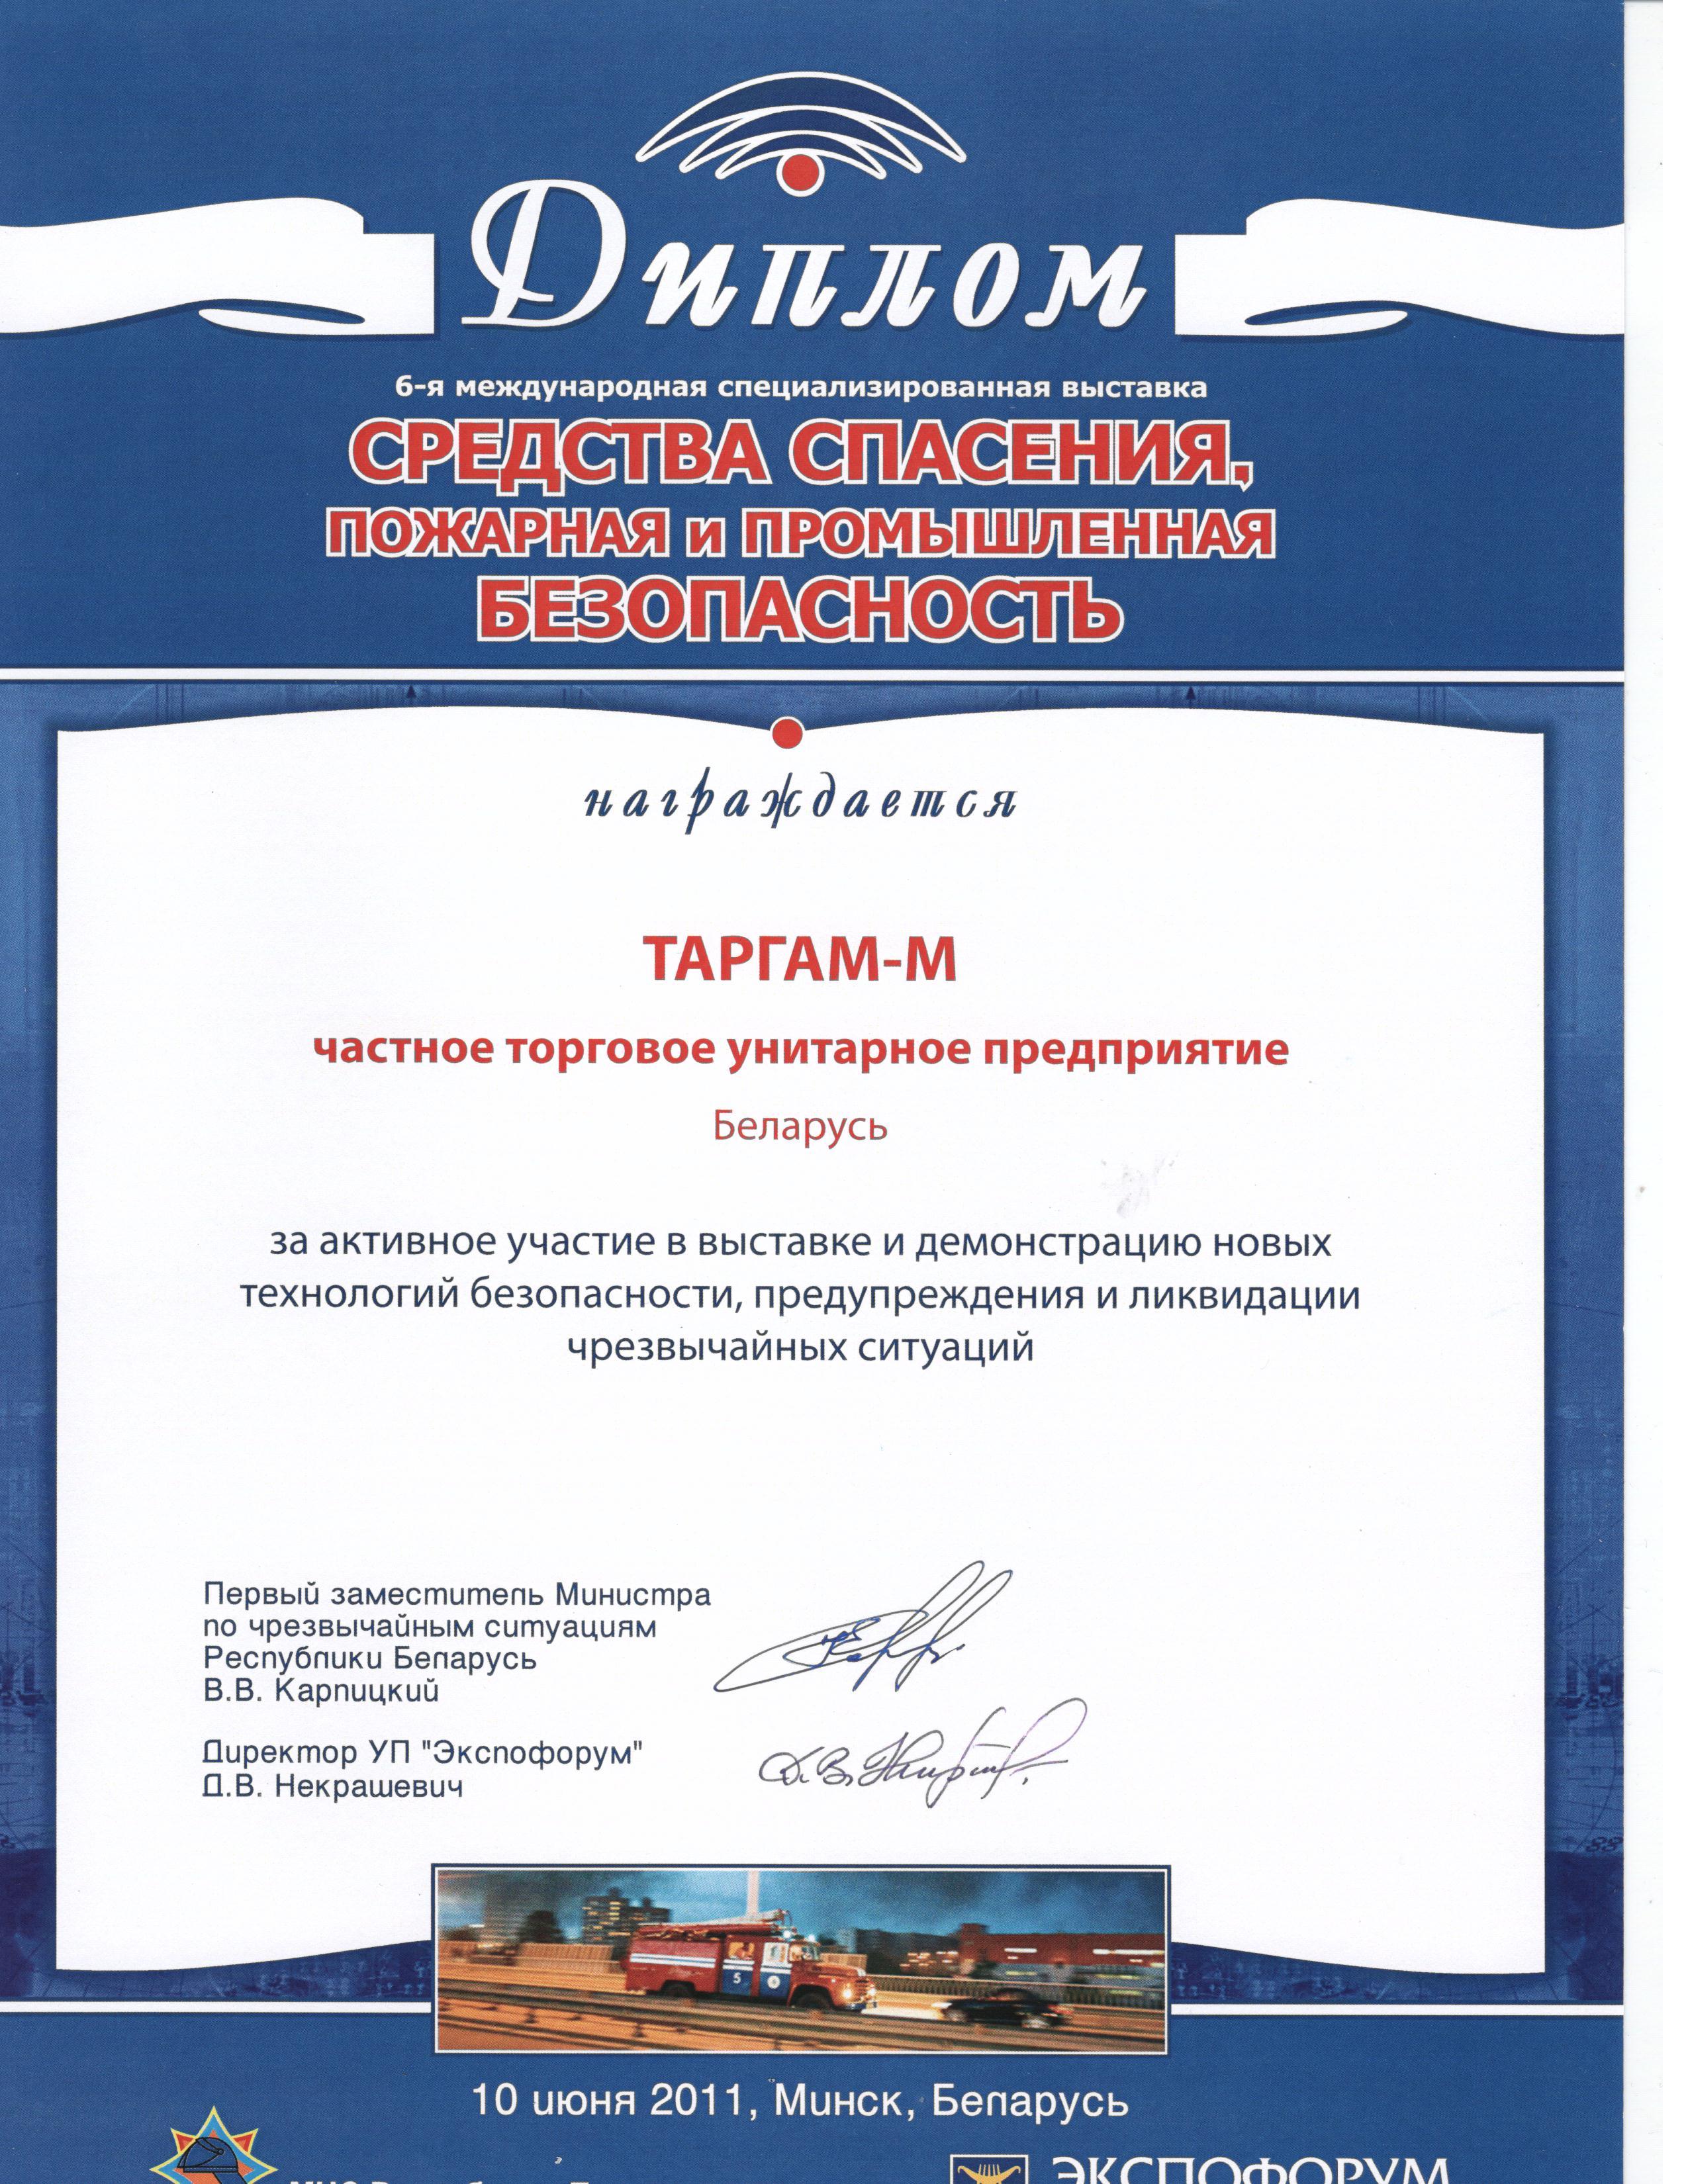 Сертификаты компании Таргам М Лиценизия МЧС Дипломы  small a41cd01541bbd170663cd85a5237302ca2bfbb82 Диплом выставки 2011